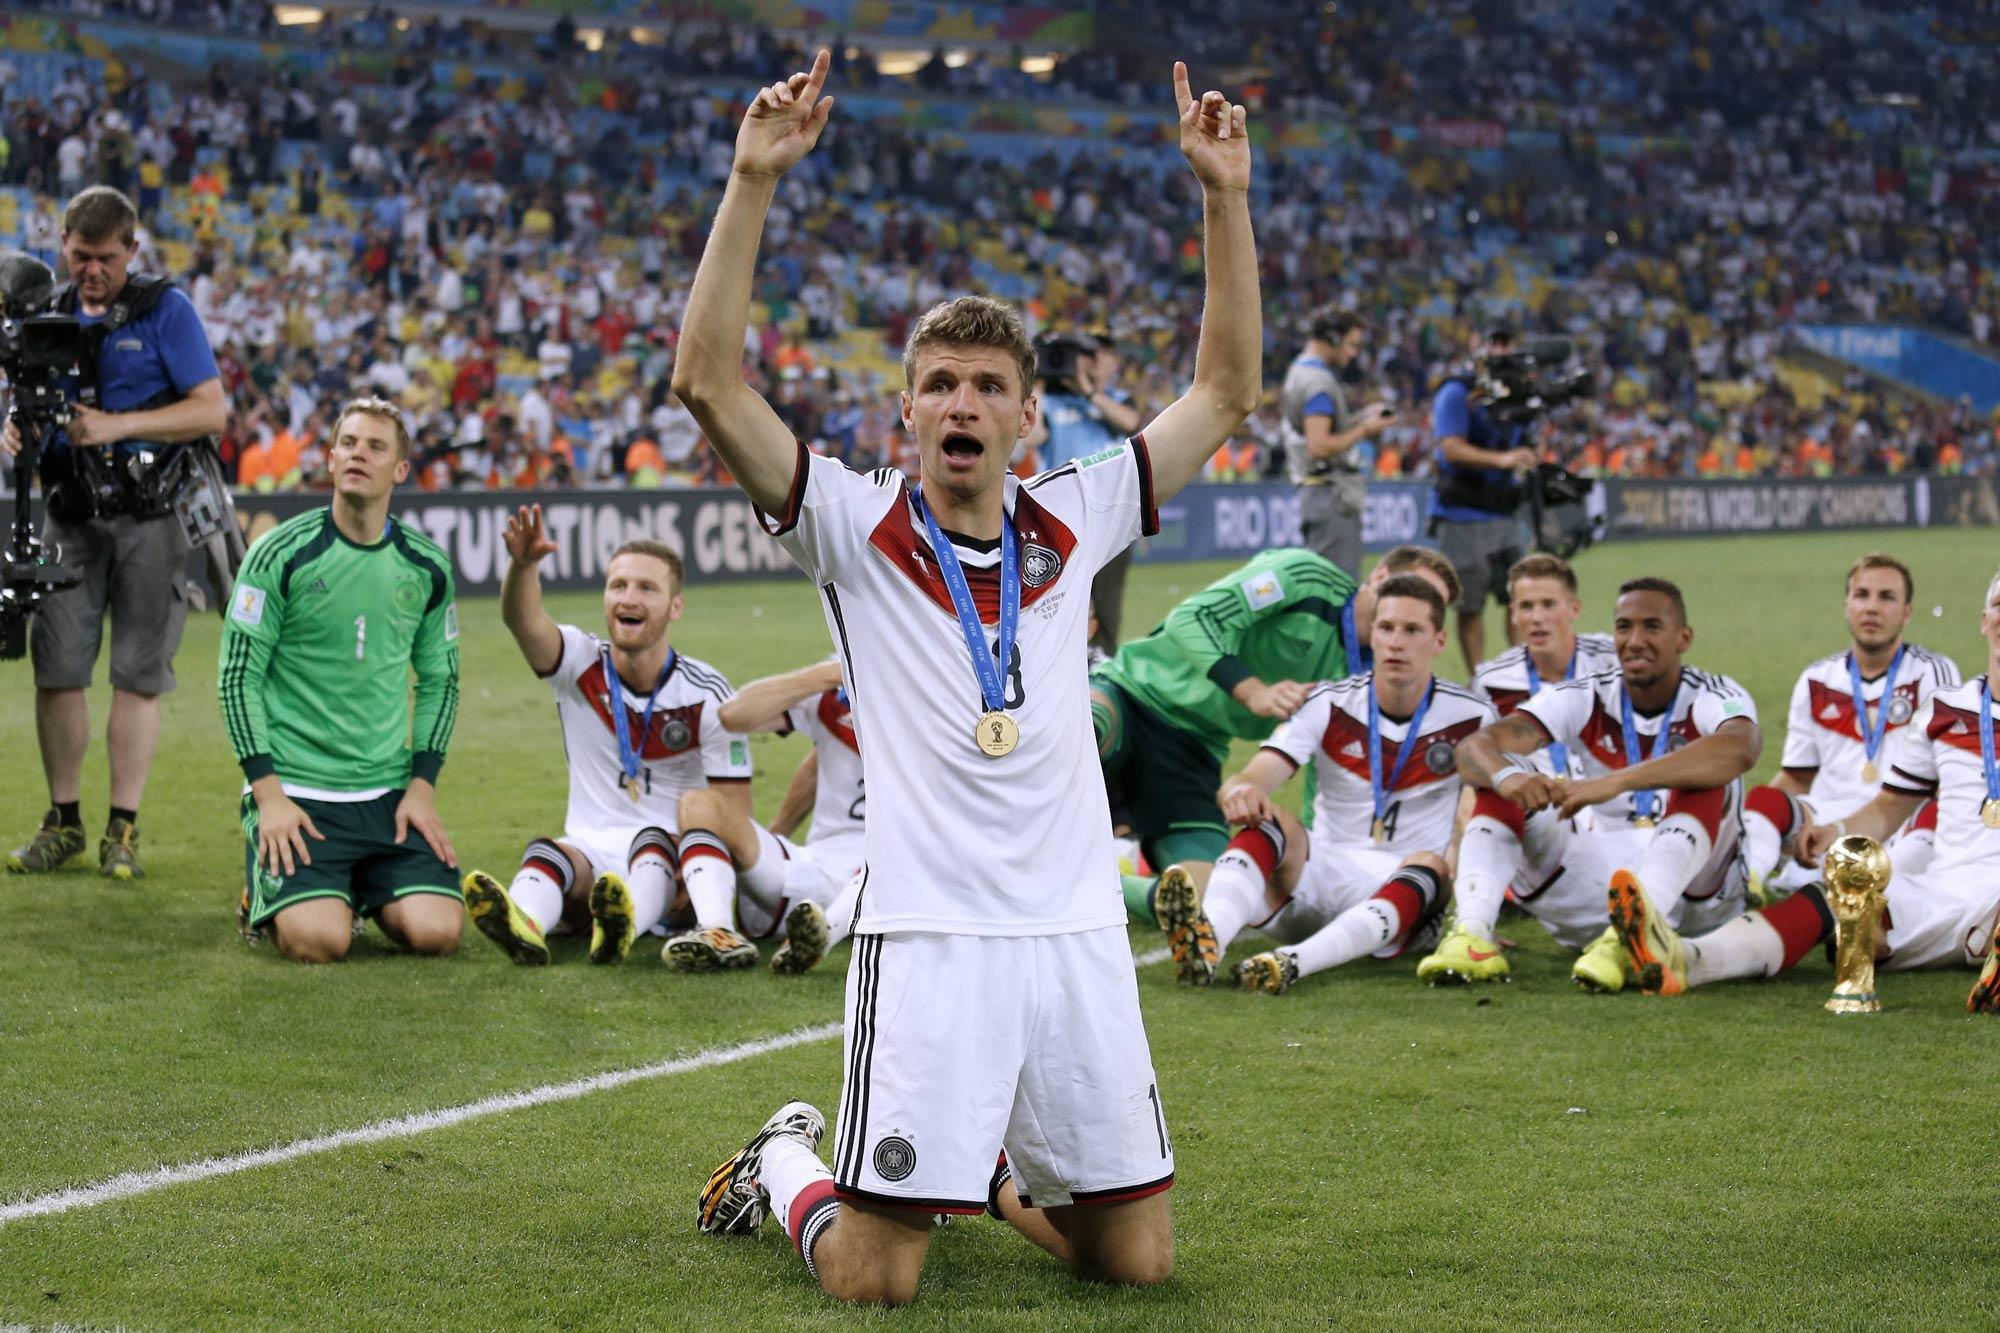 Deutschland wird Weltmeister, Thomas Müller erzielt 5 Tore.